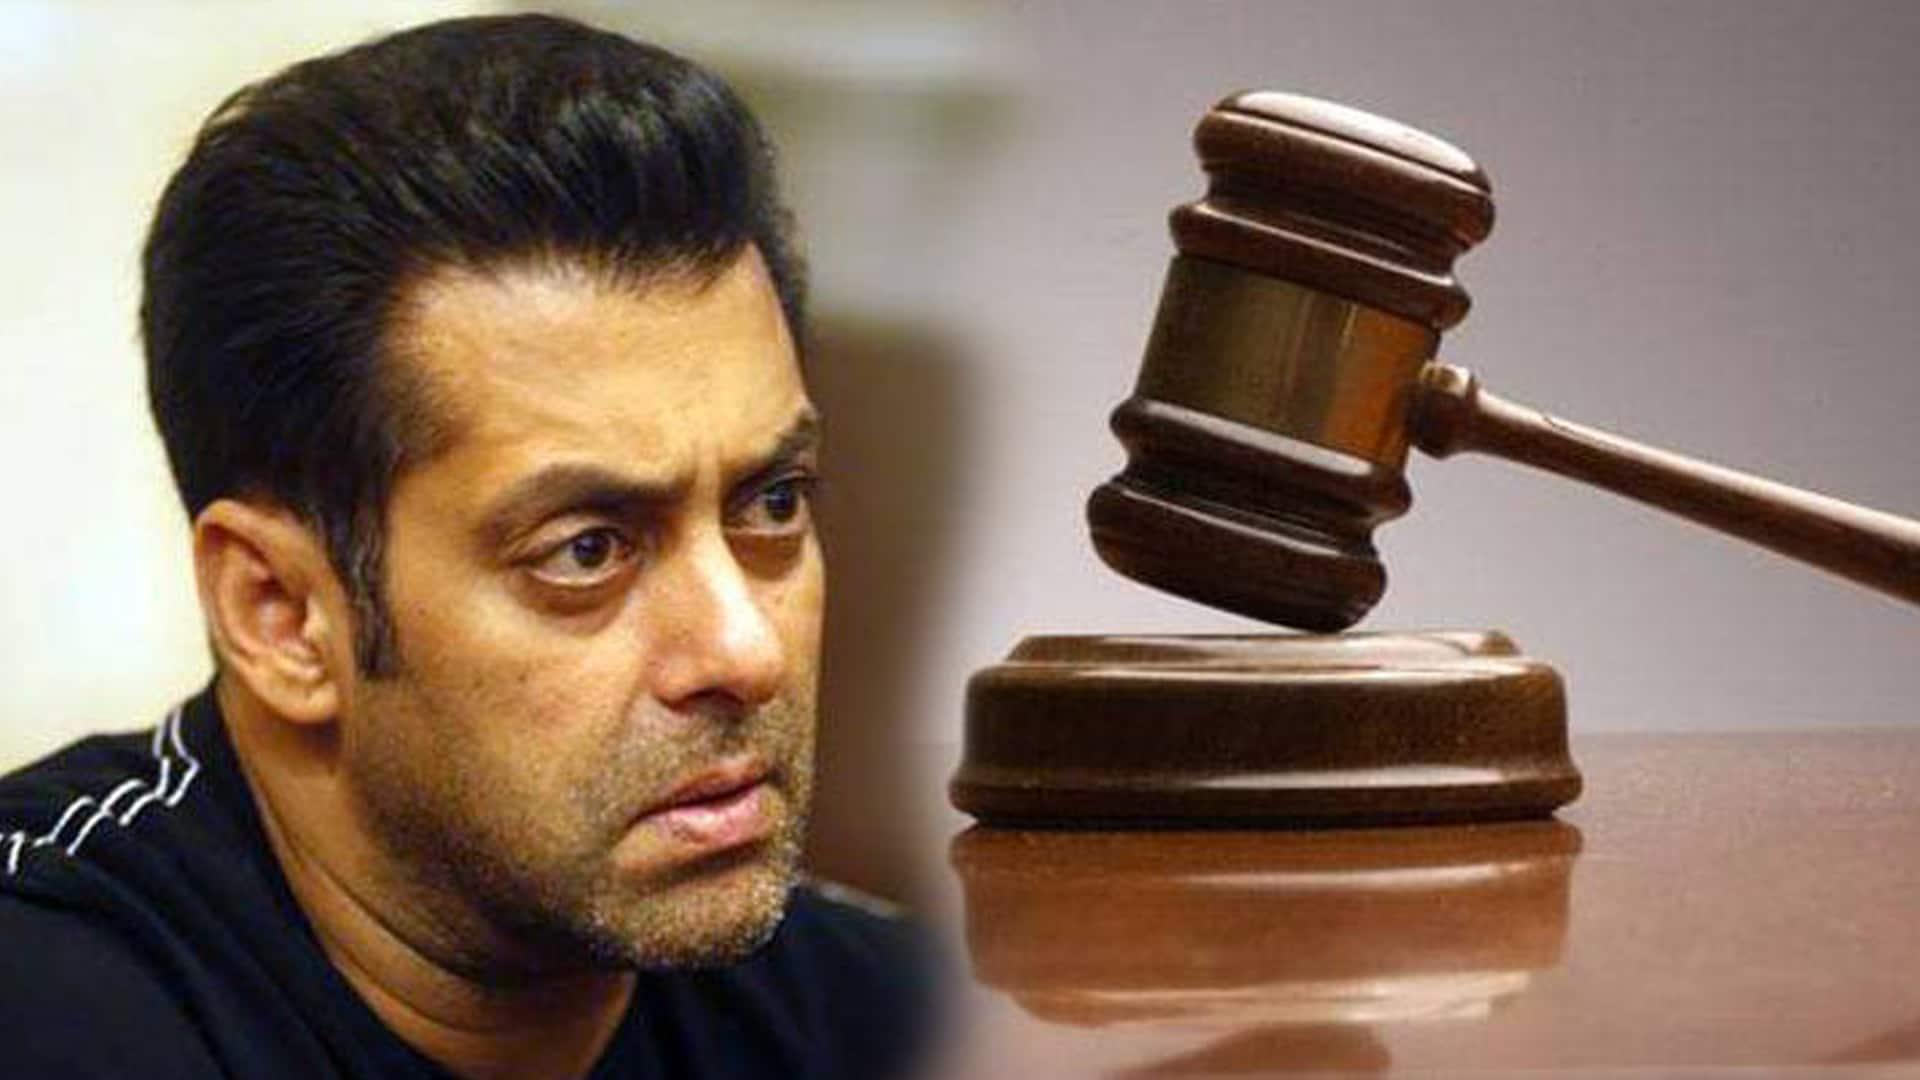 muzaffarnagar court release FIR notice against salman khan